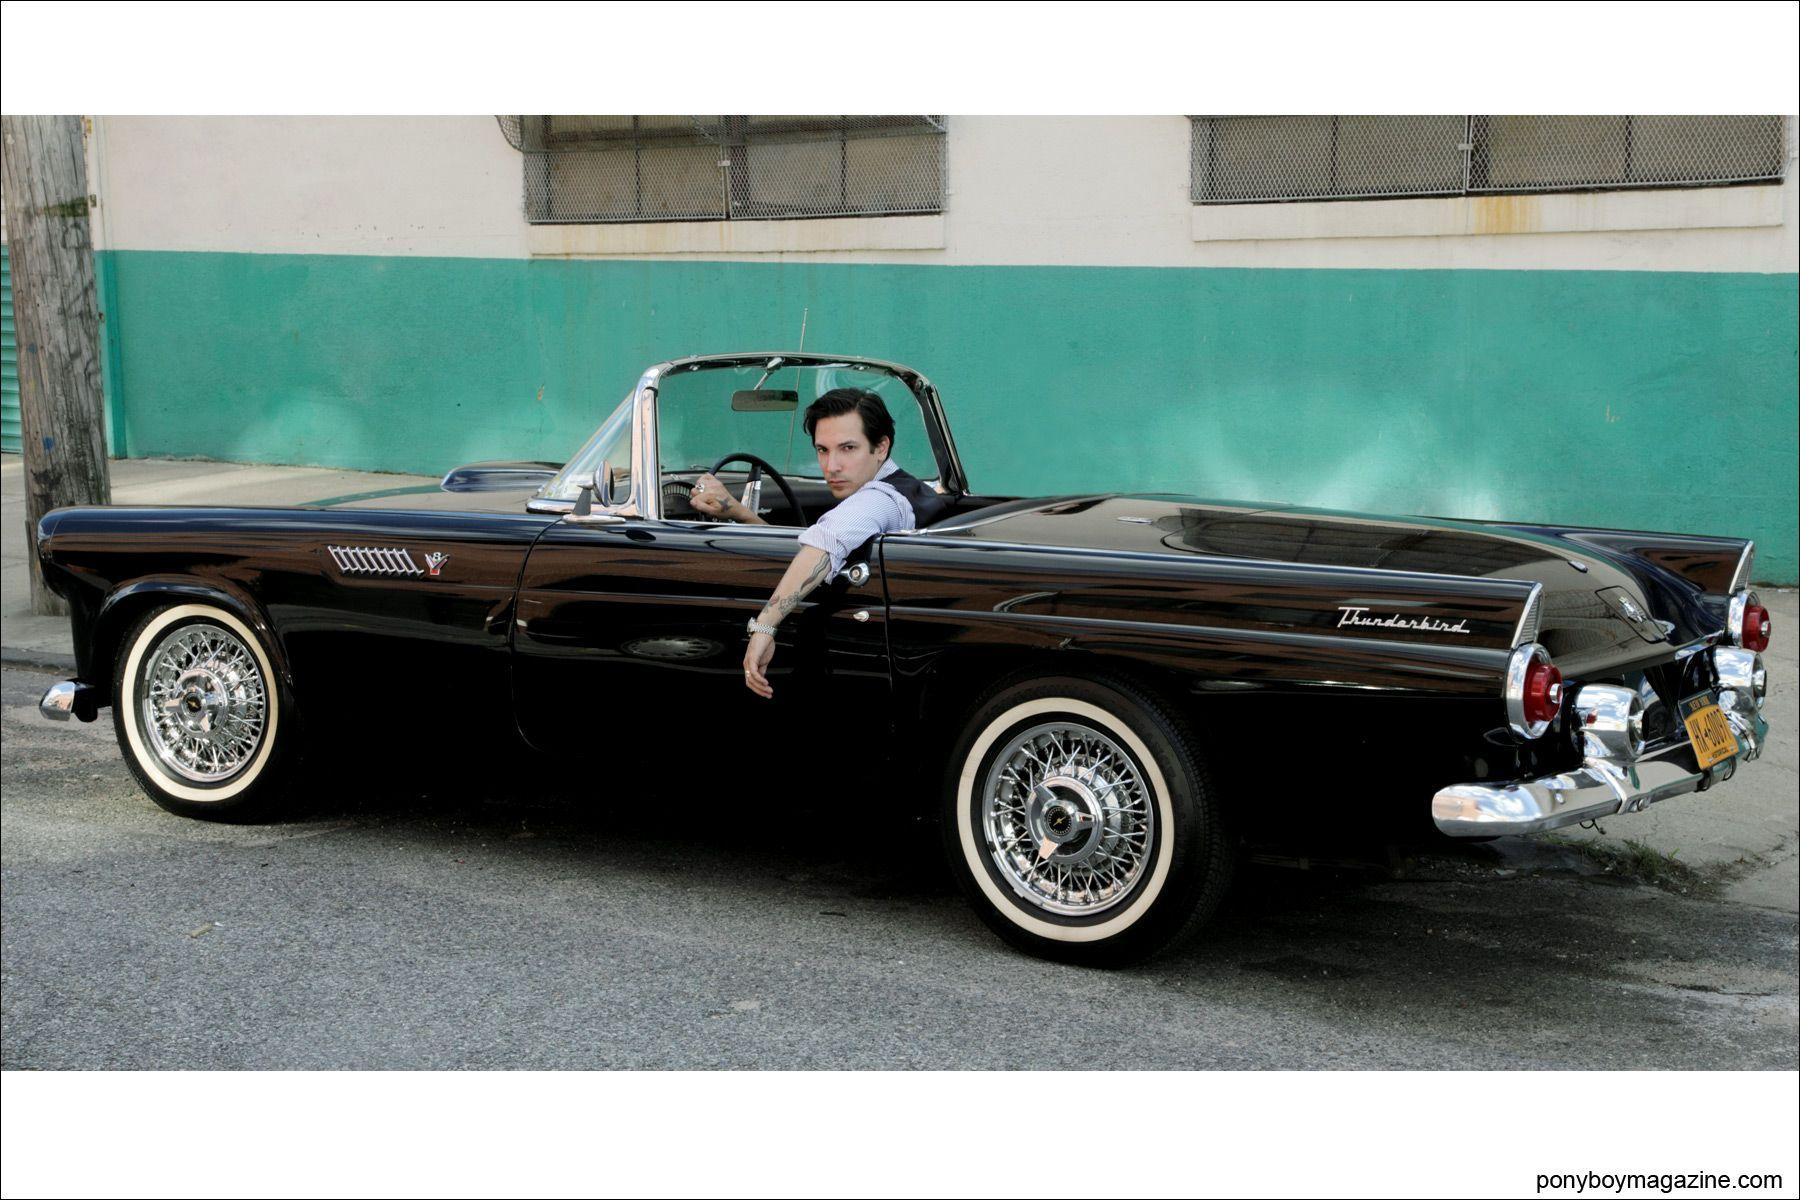 Ryan Matthew Cohn Oddities Star Matthews Oddities Ryan